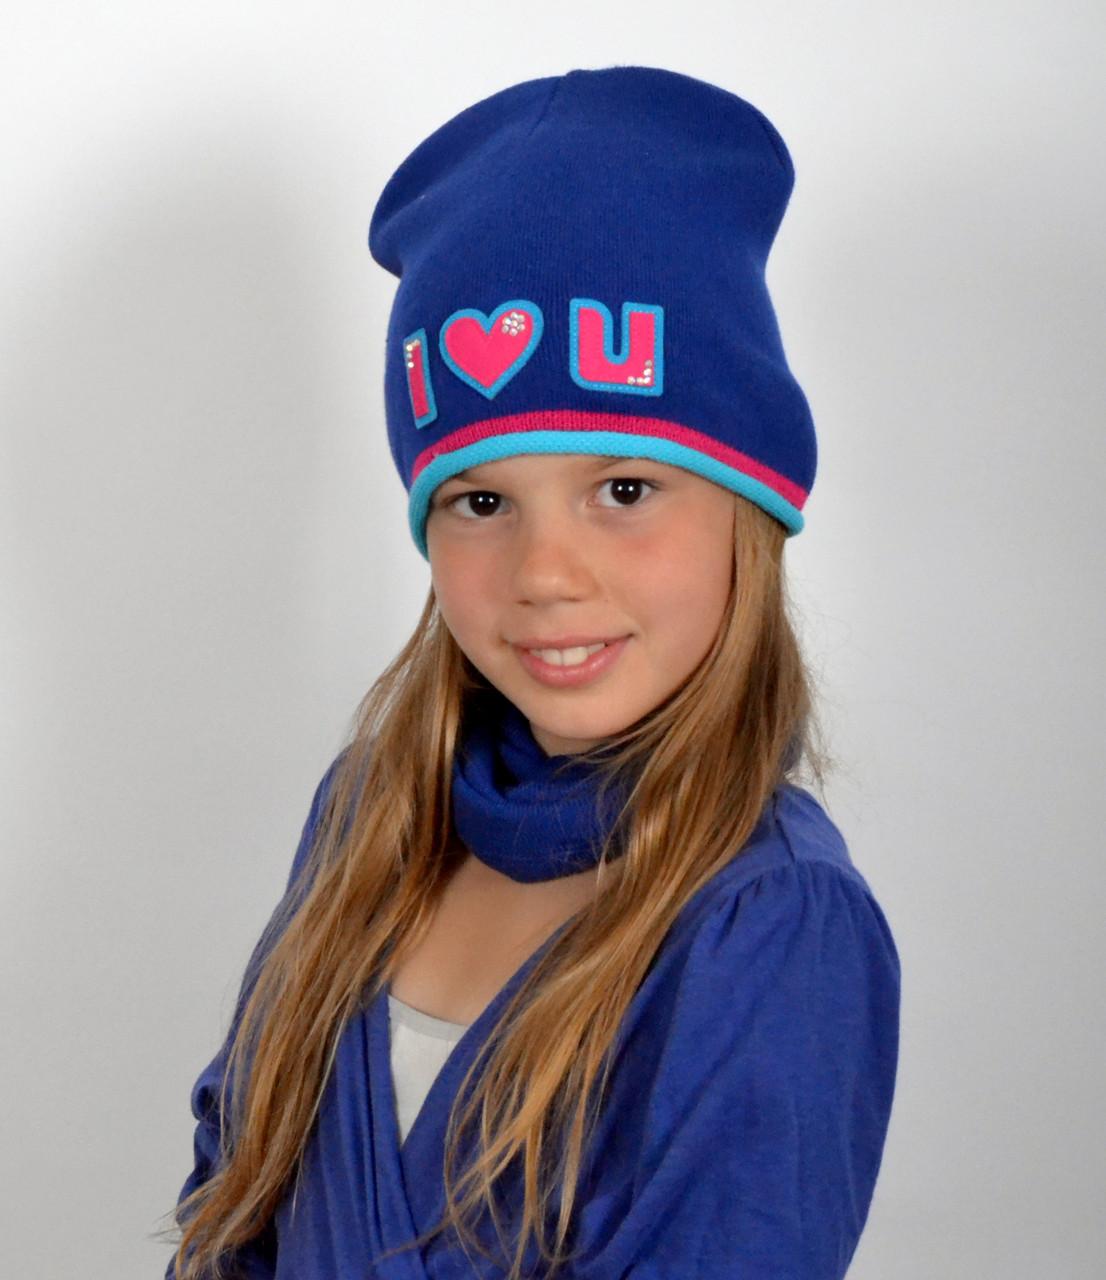 Красивая шапка с вышивкой I ❤ U